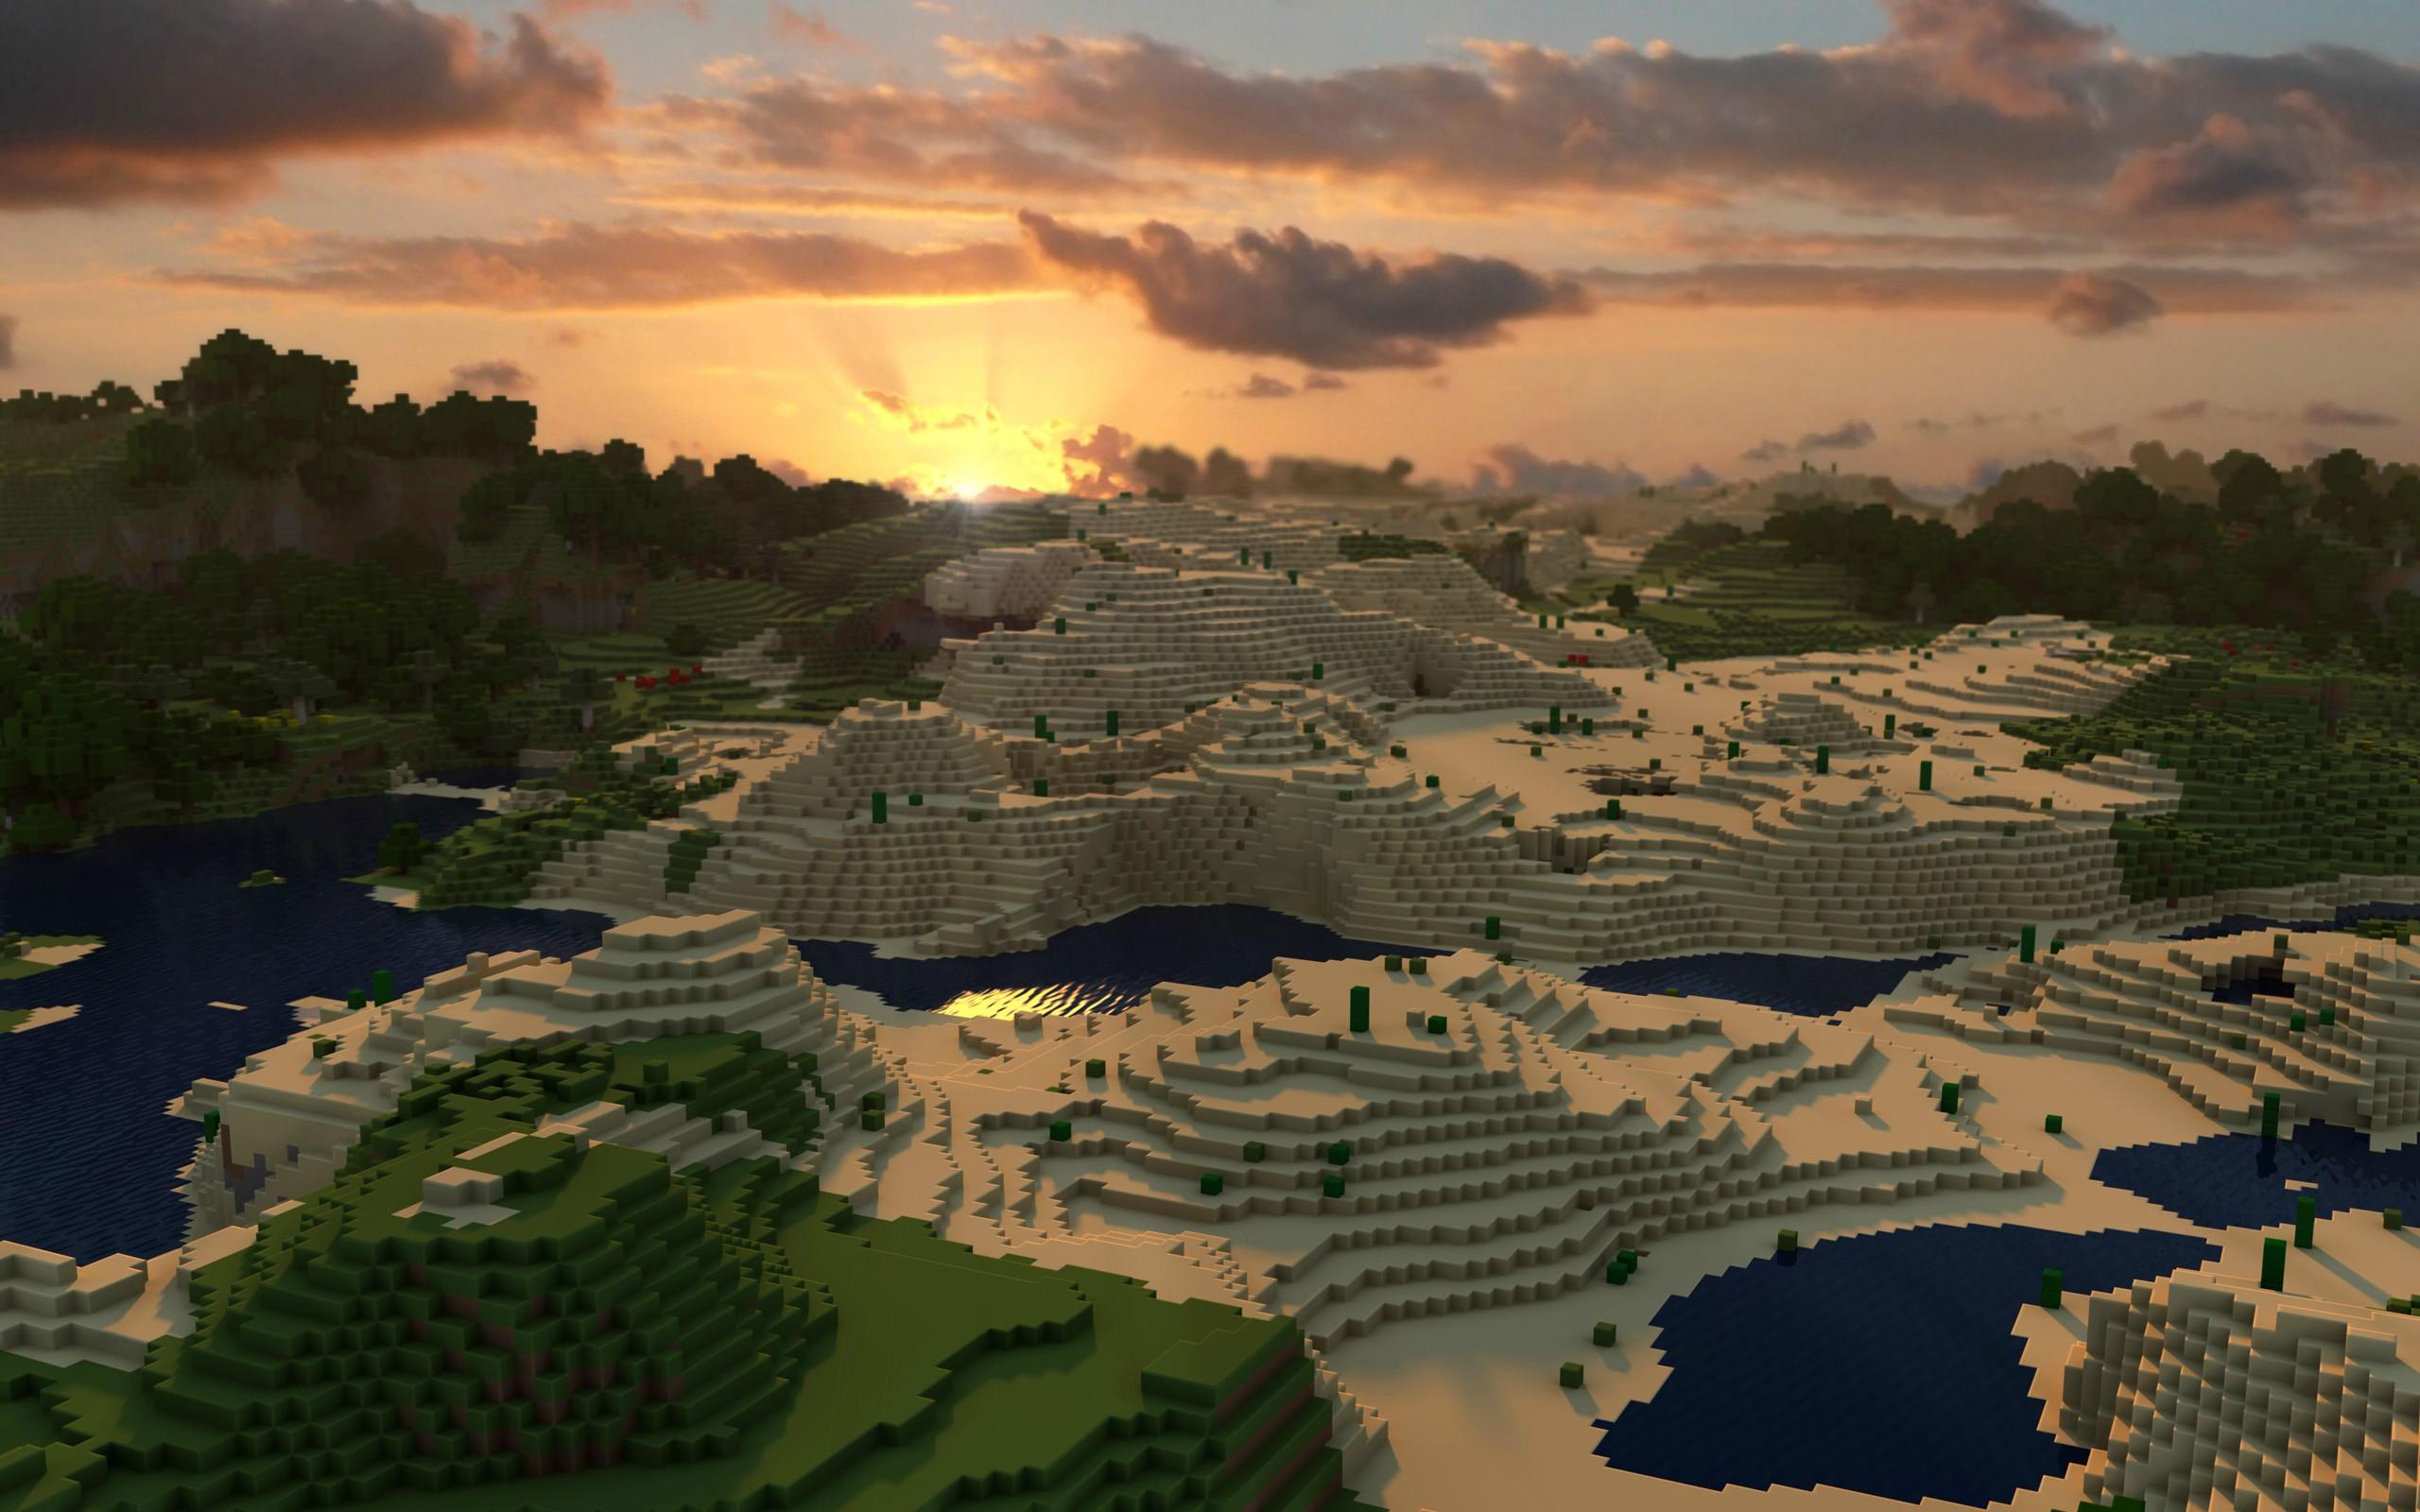 Minecraft wallpaper paysage desert jeux video info for Fond ecran hd 2016